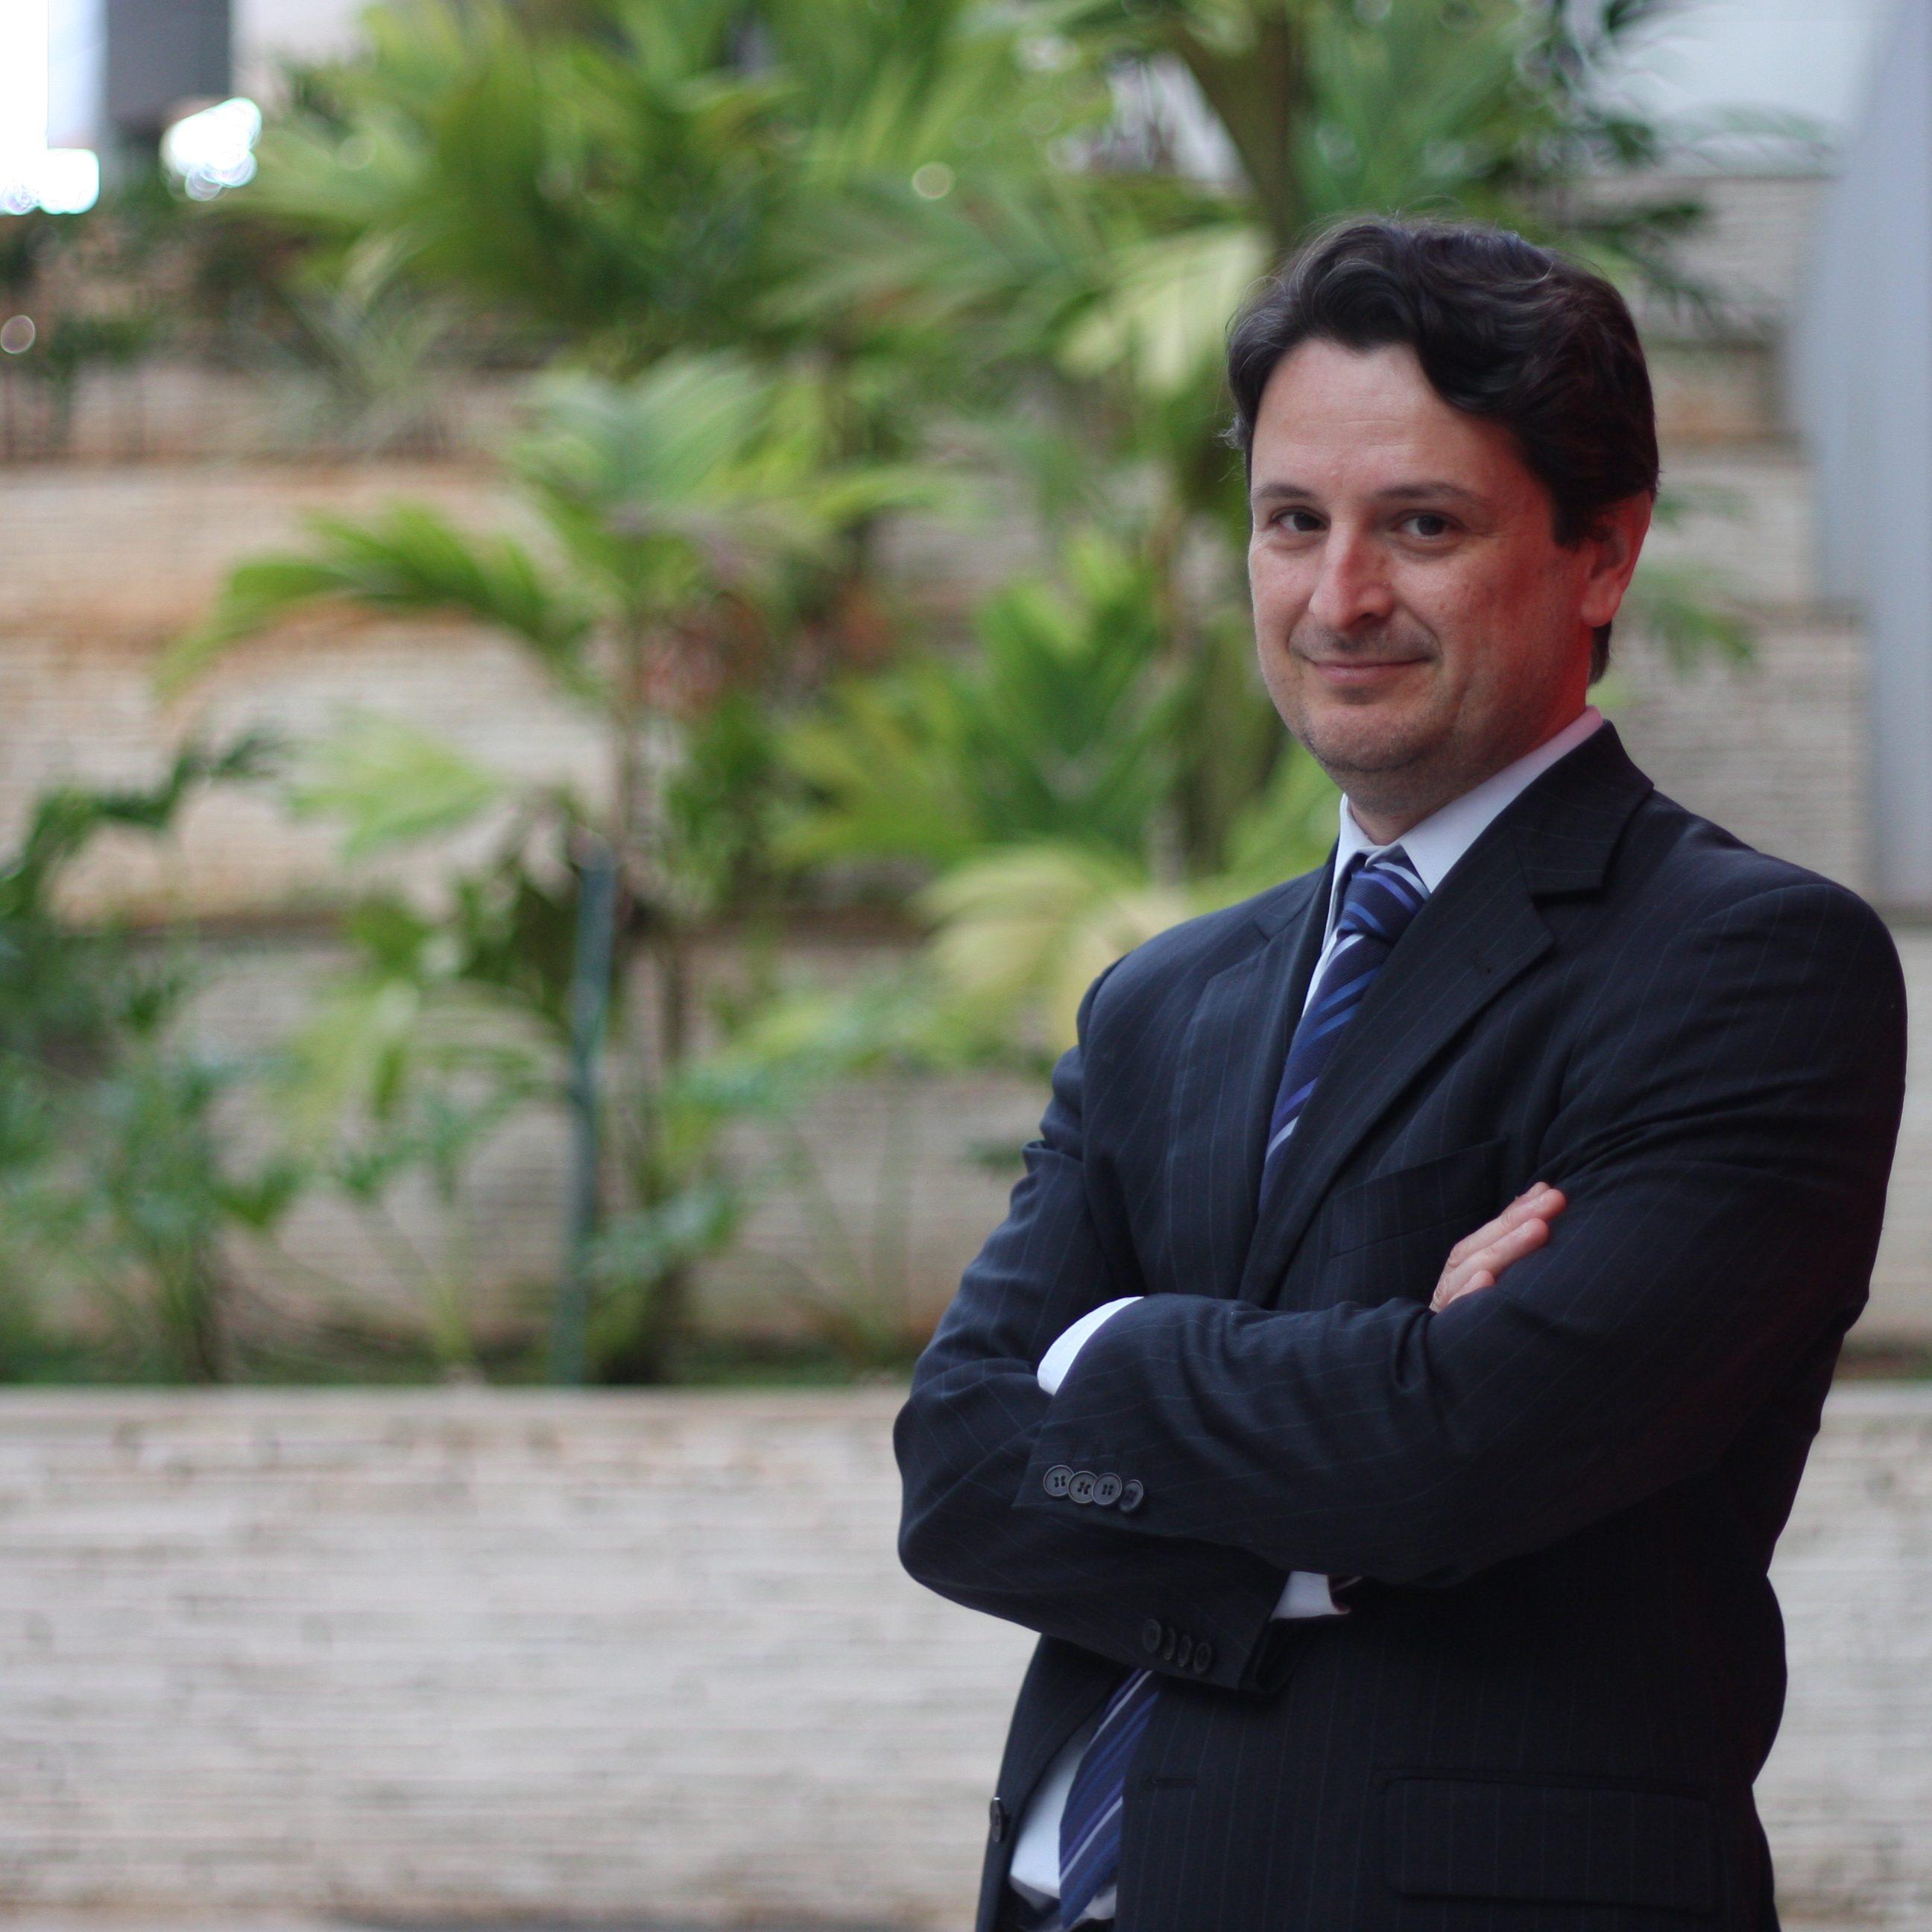 Fabiano Prestes